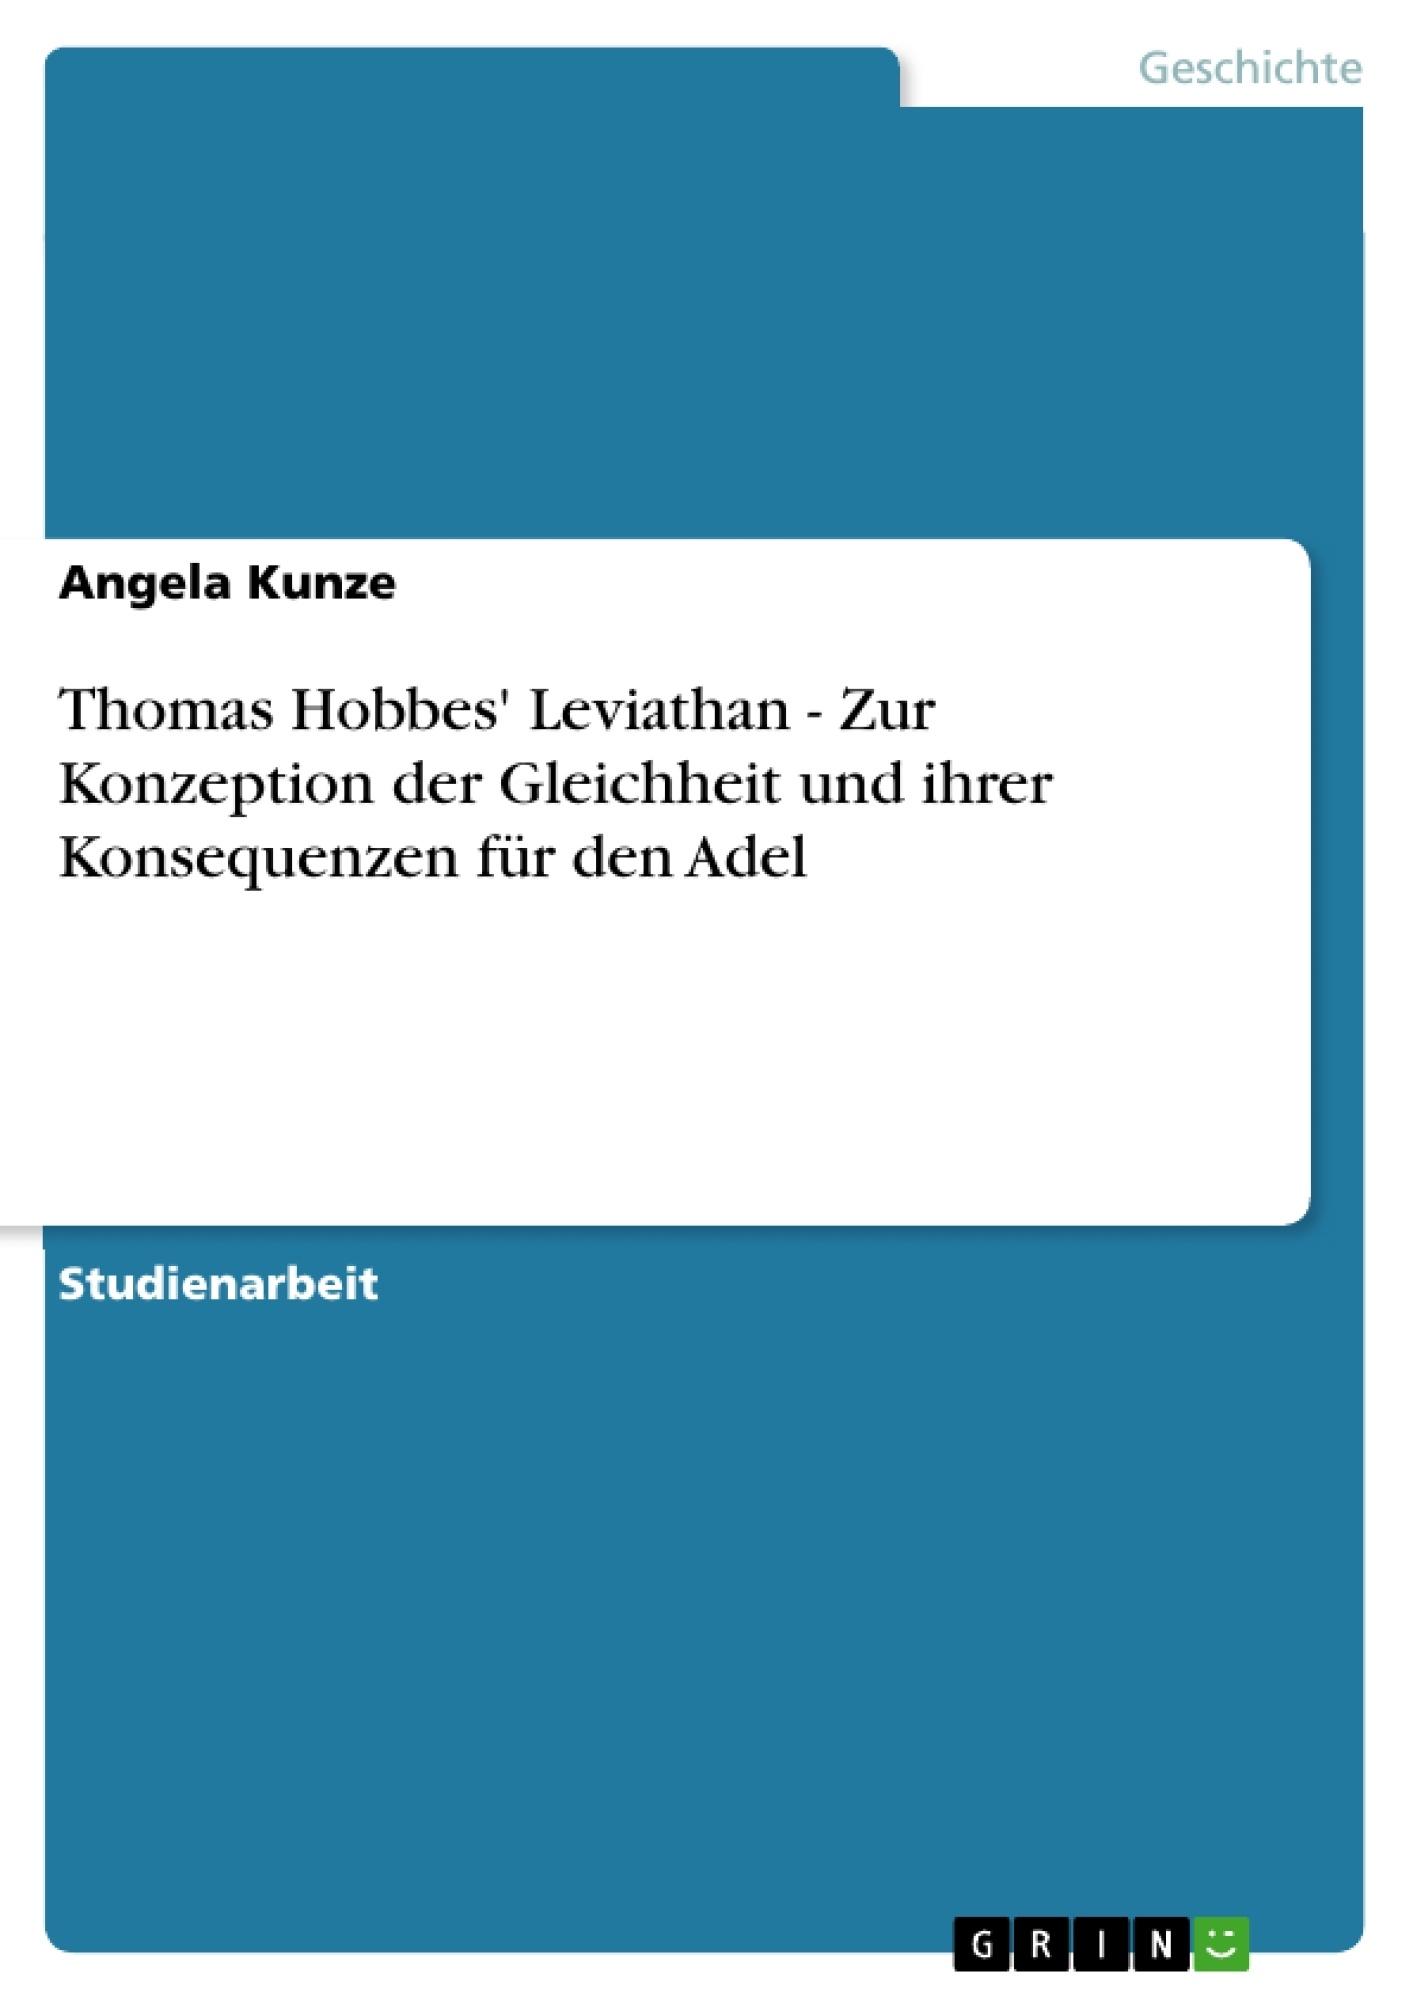 Titel: Thomas Hobbes' Leviathan - Zur Konzeption der Gleichheit und ihrer Konsequenzen für den Adel